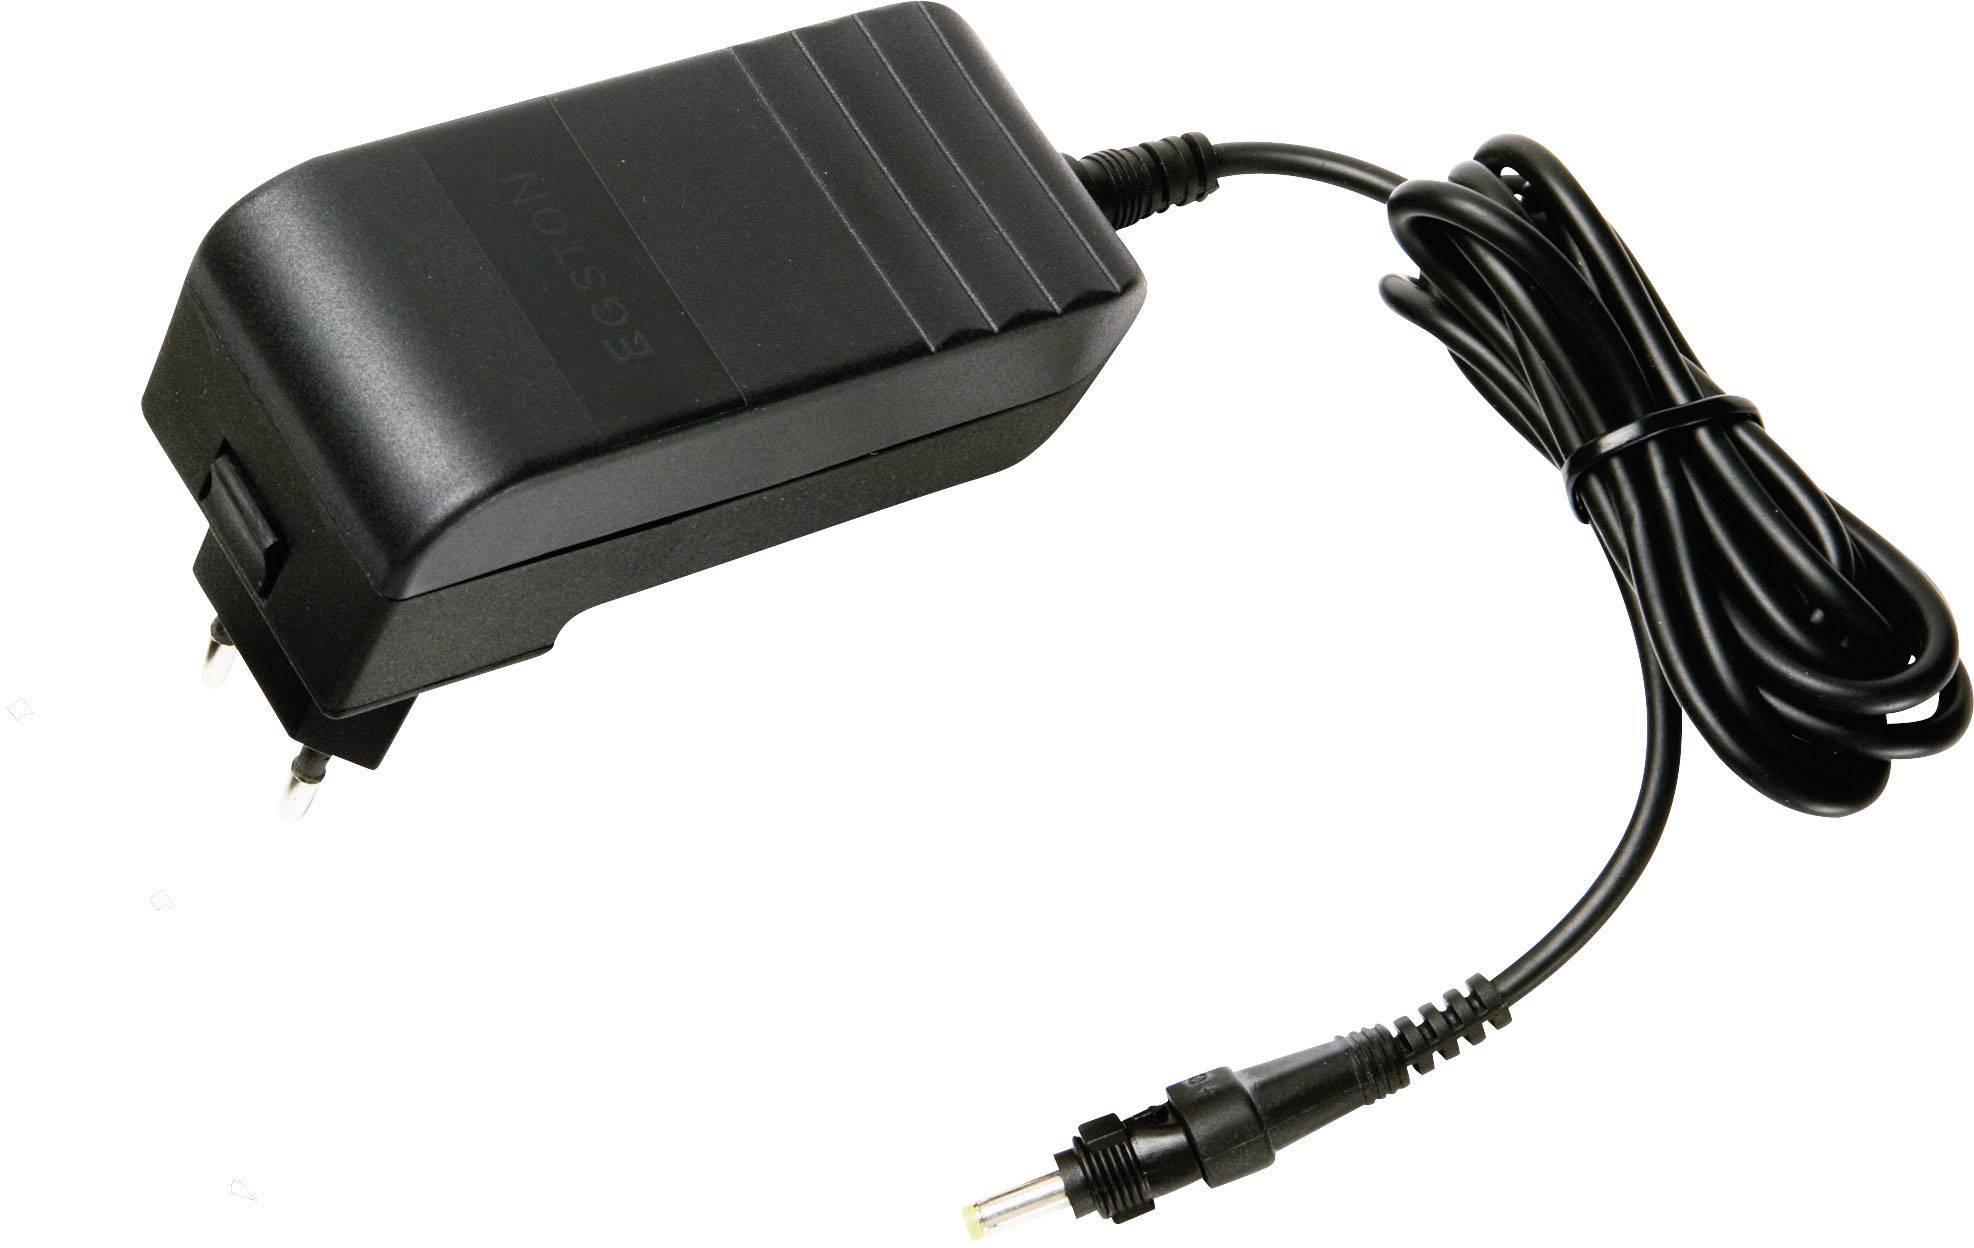 Zásuvkový adaptér so stálym napätím Egston 003920141, 12 W, 1 A